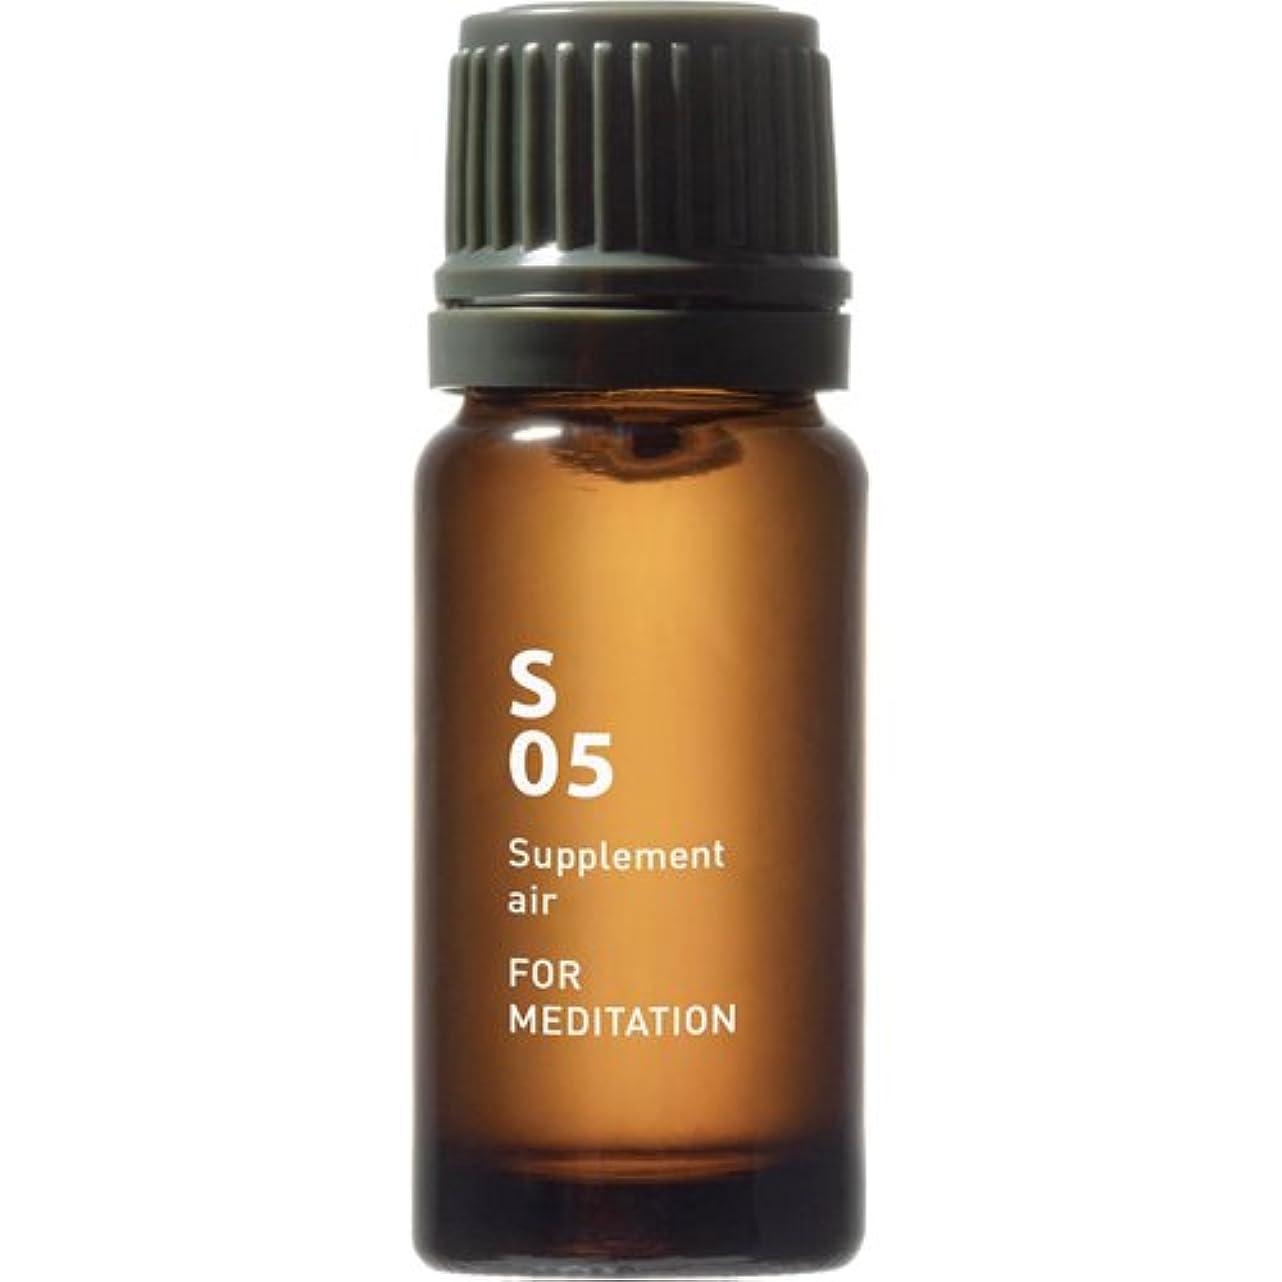 徴収極めて重要なアリスS05 FOR MEDITATION Supplement air 10ml